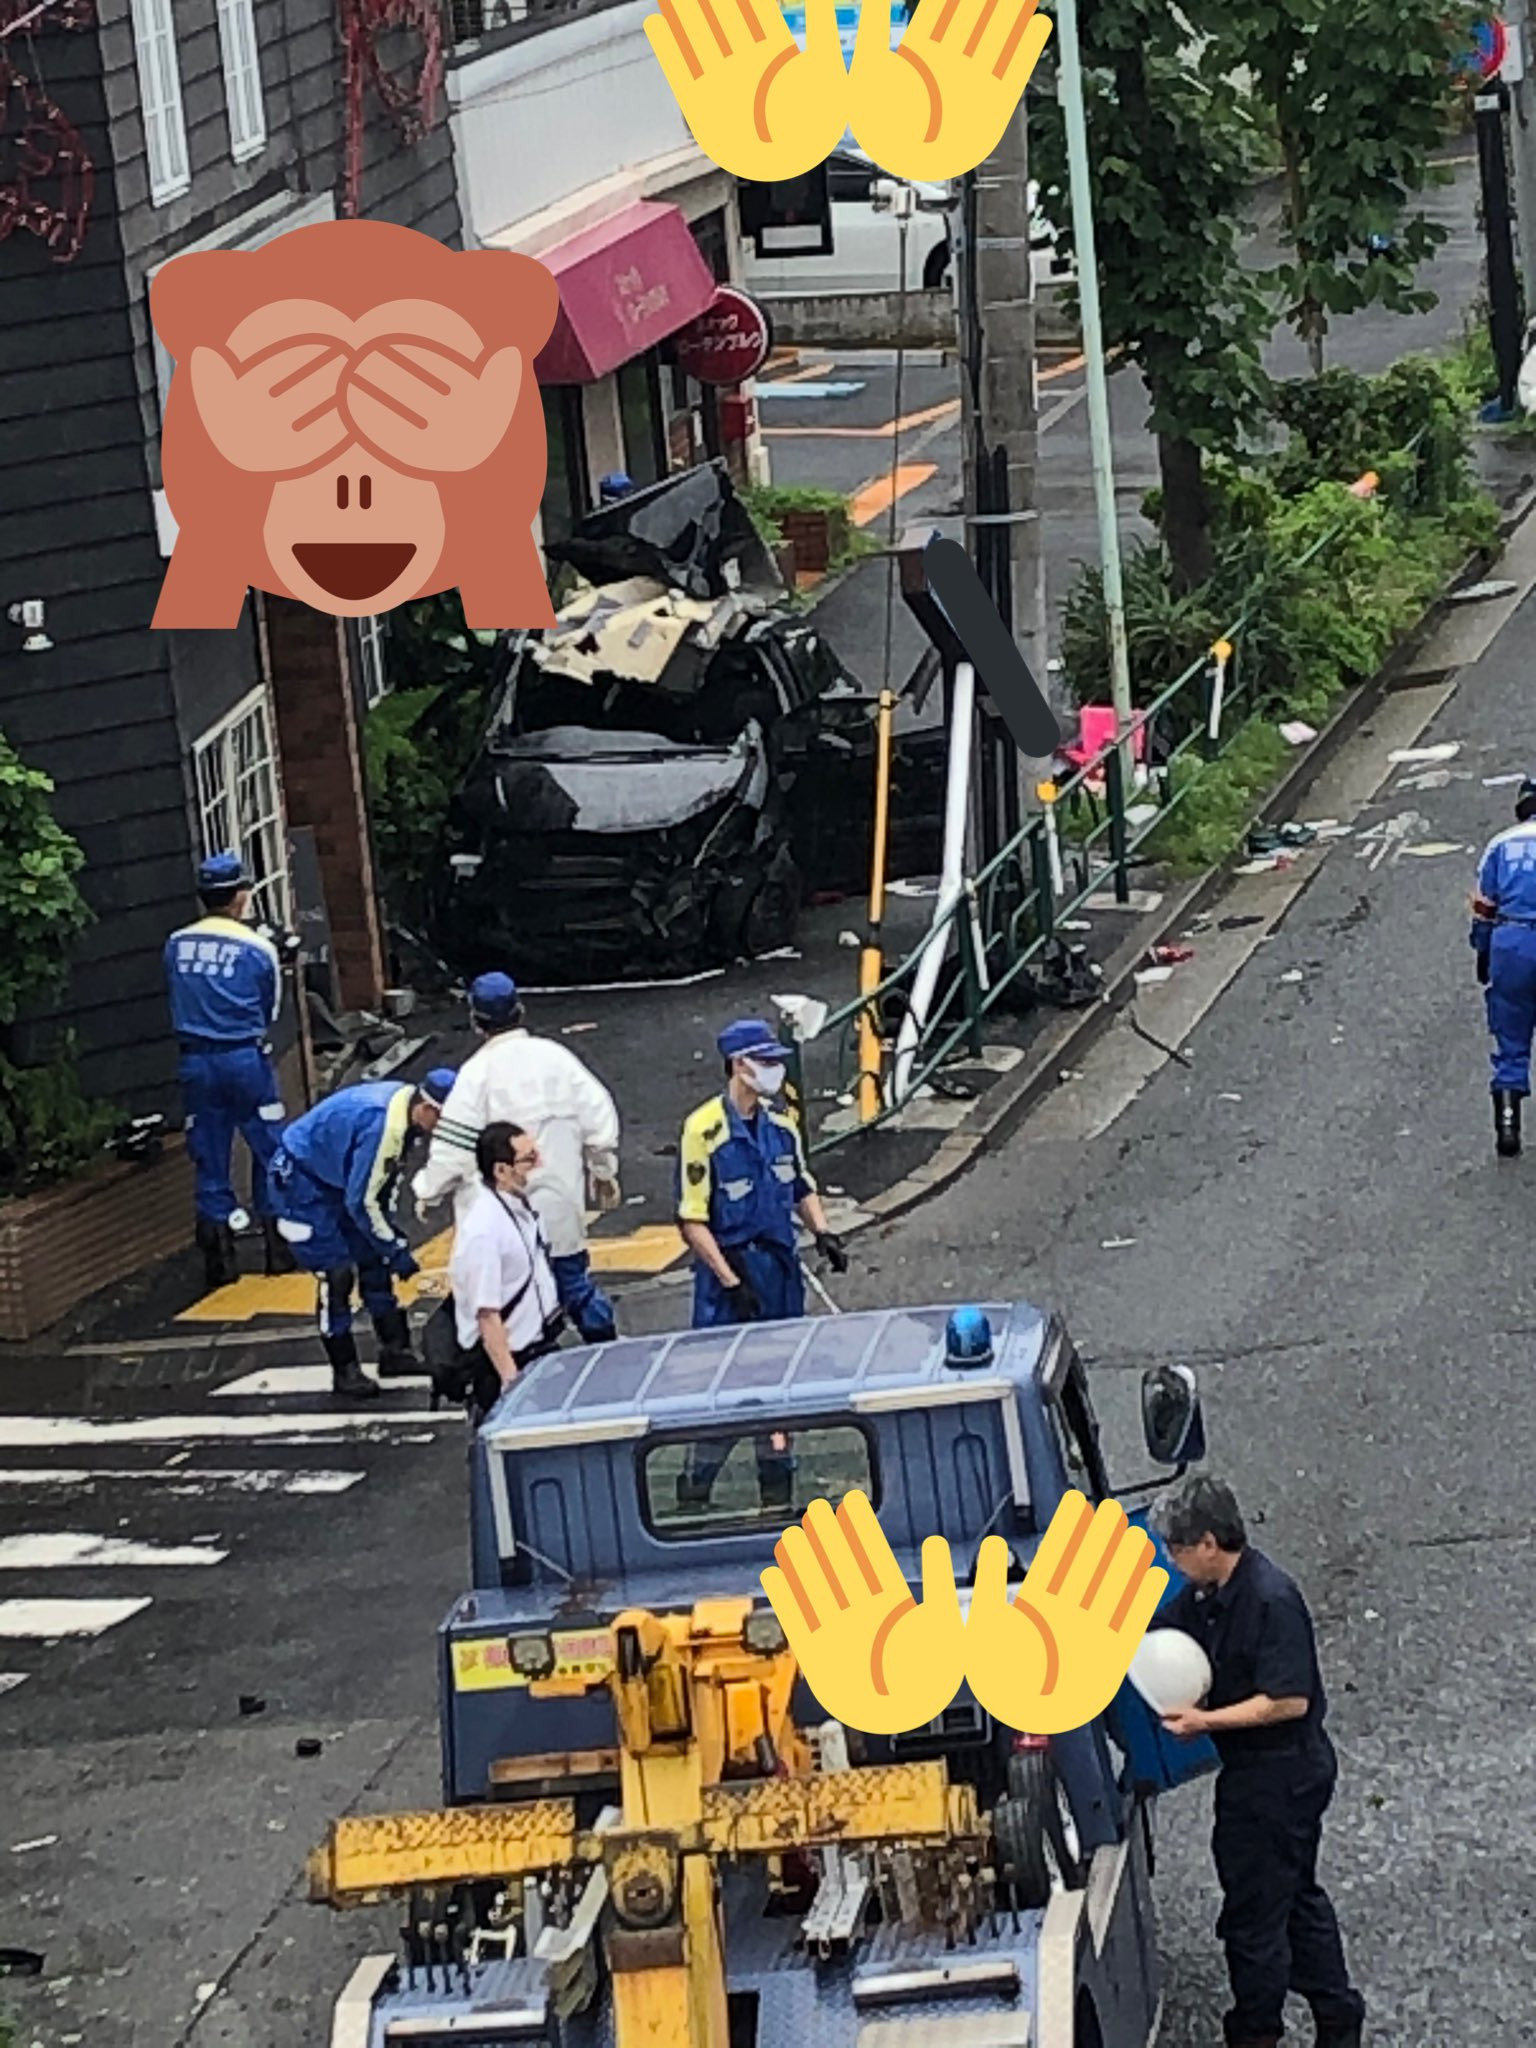 環状7号で20代の男女が死亡した事故現場の画像